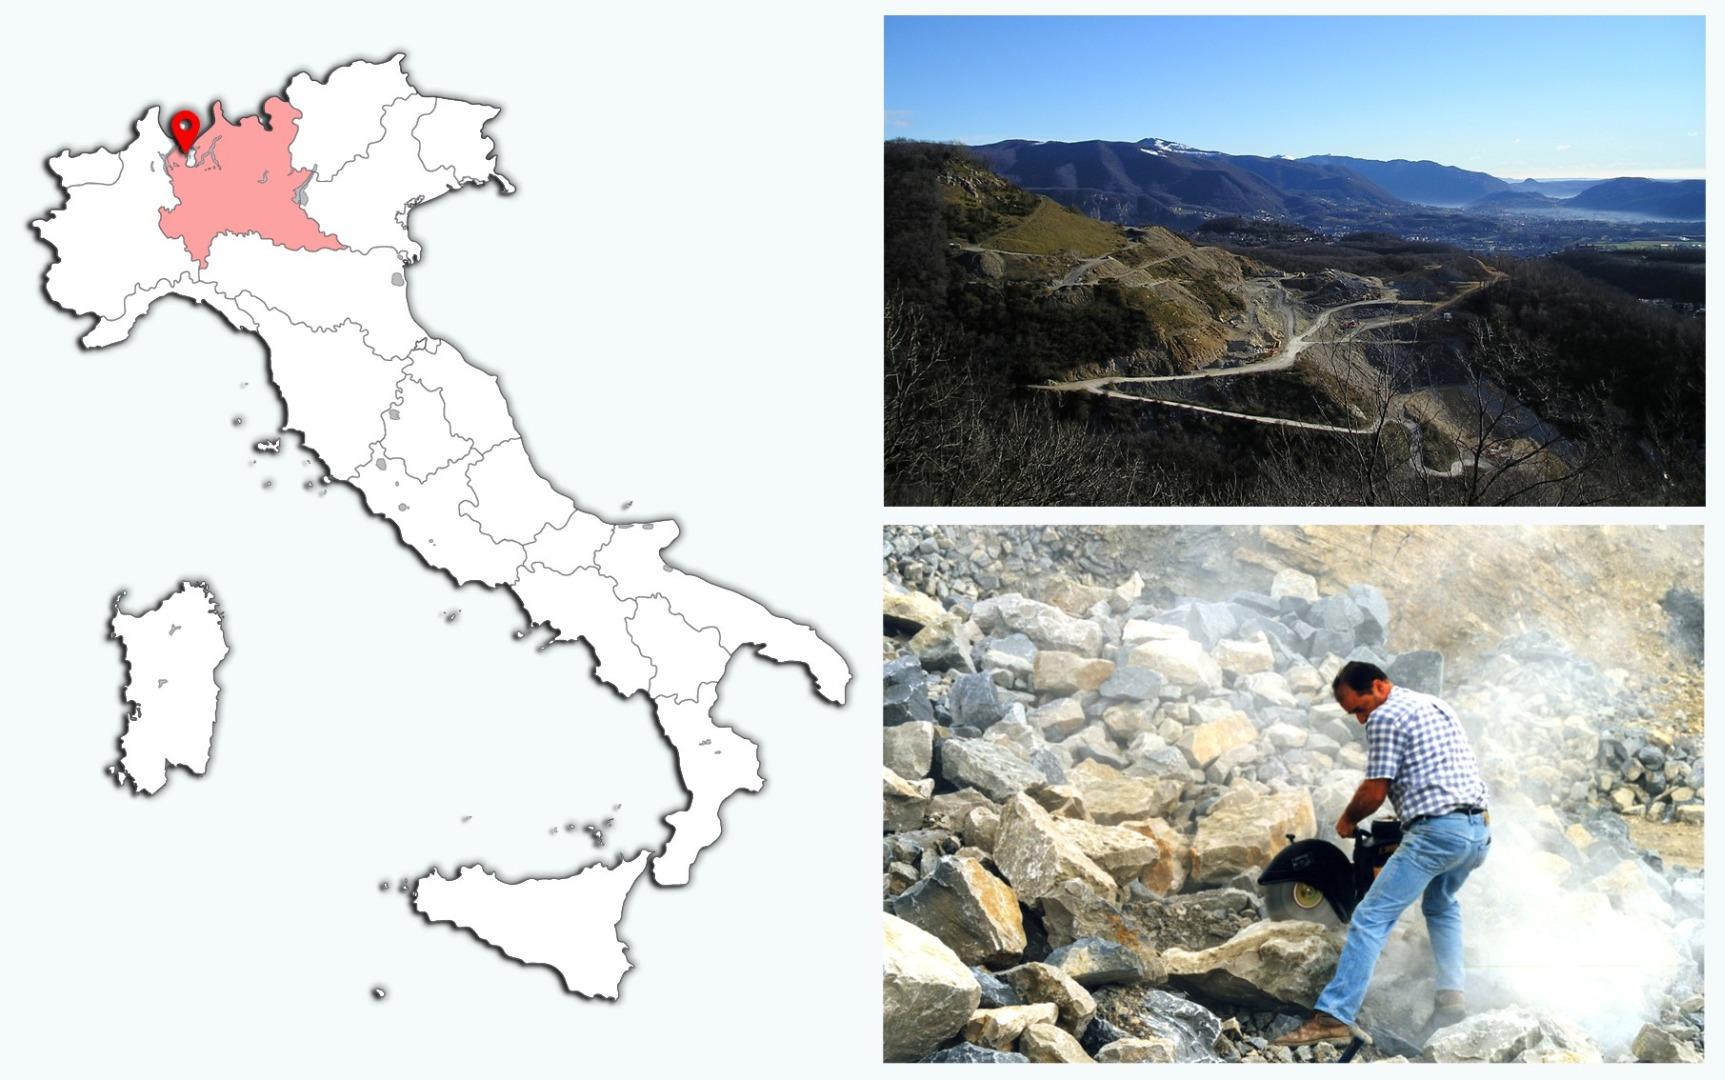 Etçil en büyük dinozor İtalya'da yaşamış